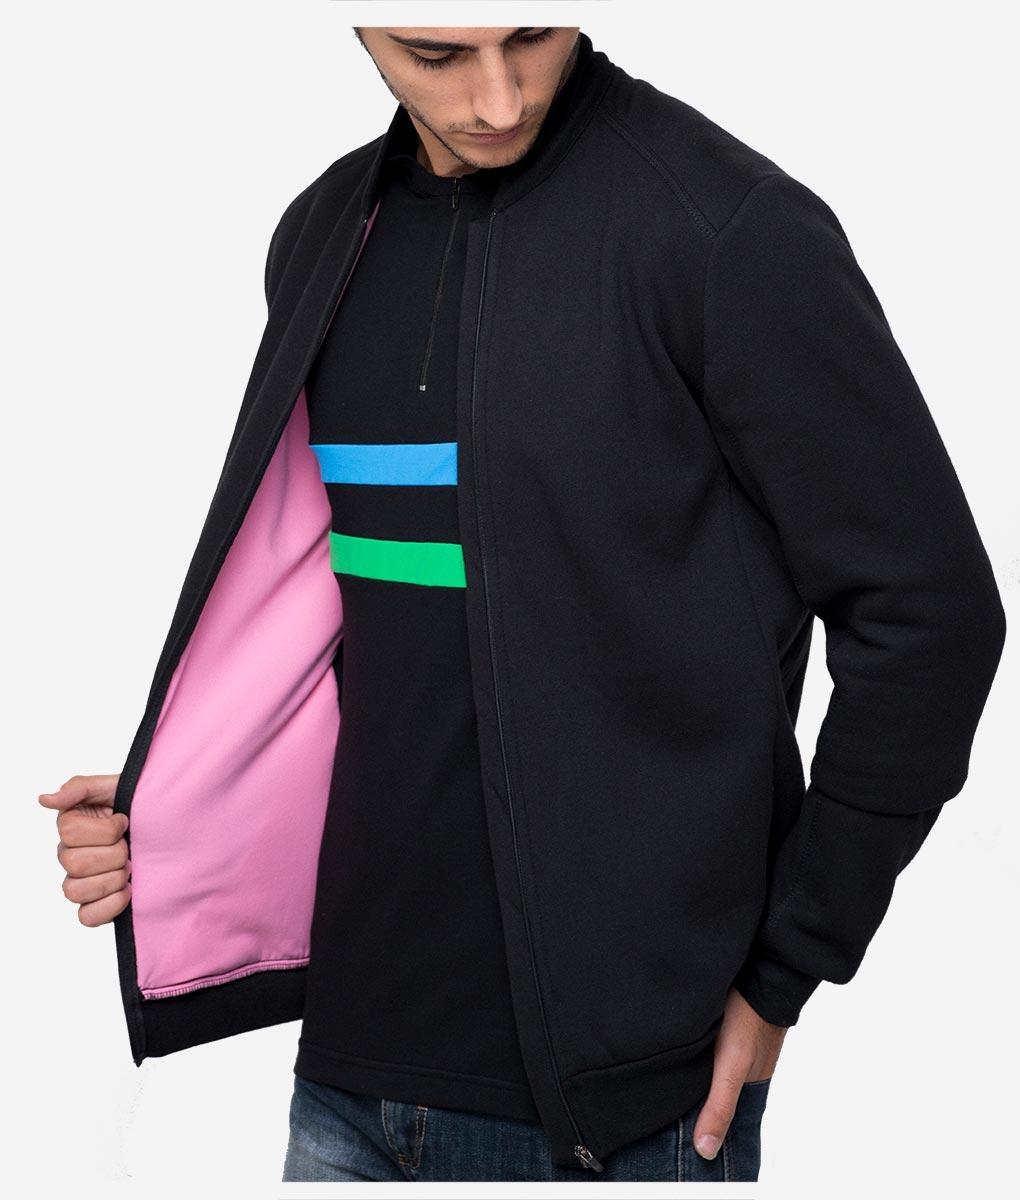 casual-cycling-black-rib-collar-jacket-lateral